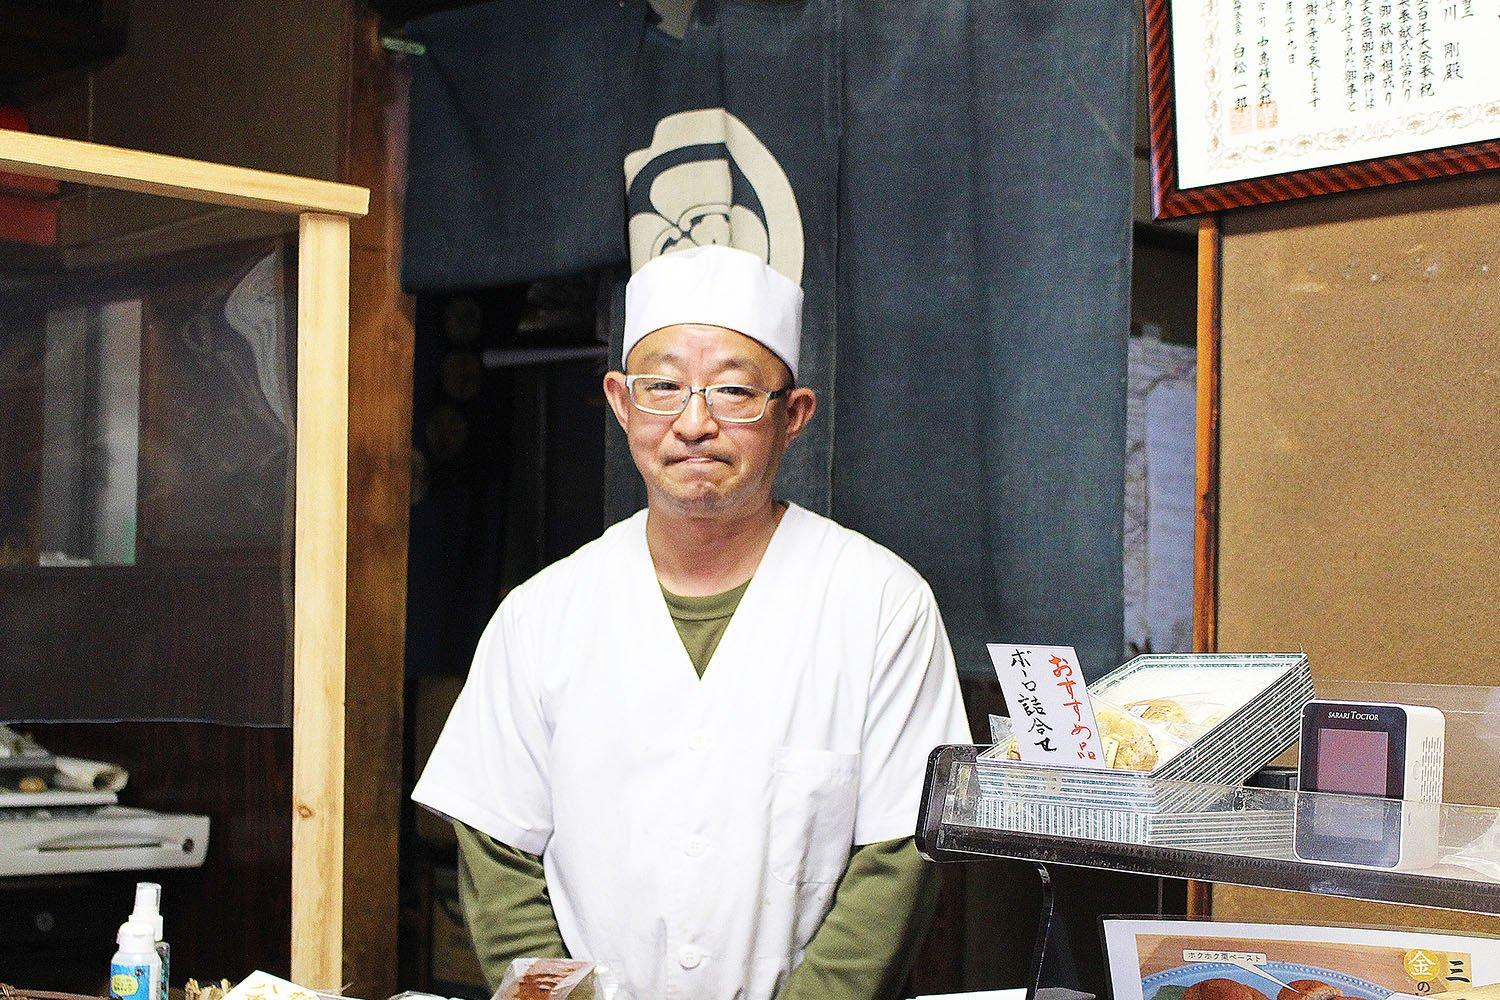 3代目店主の石川剛さん。